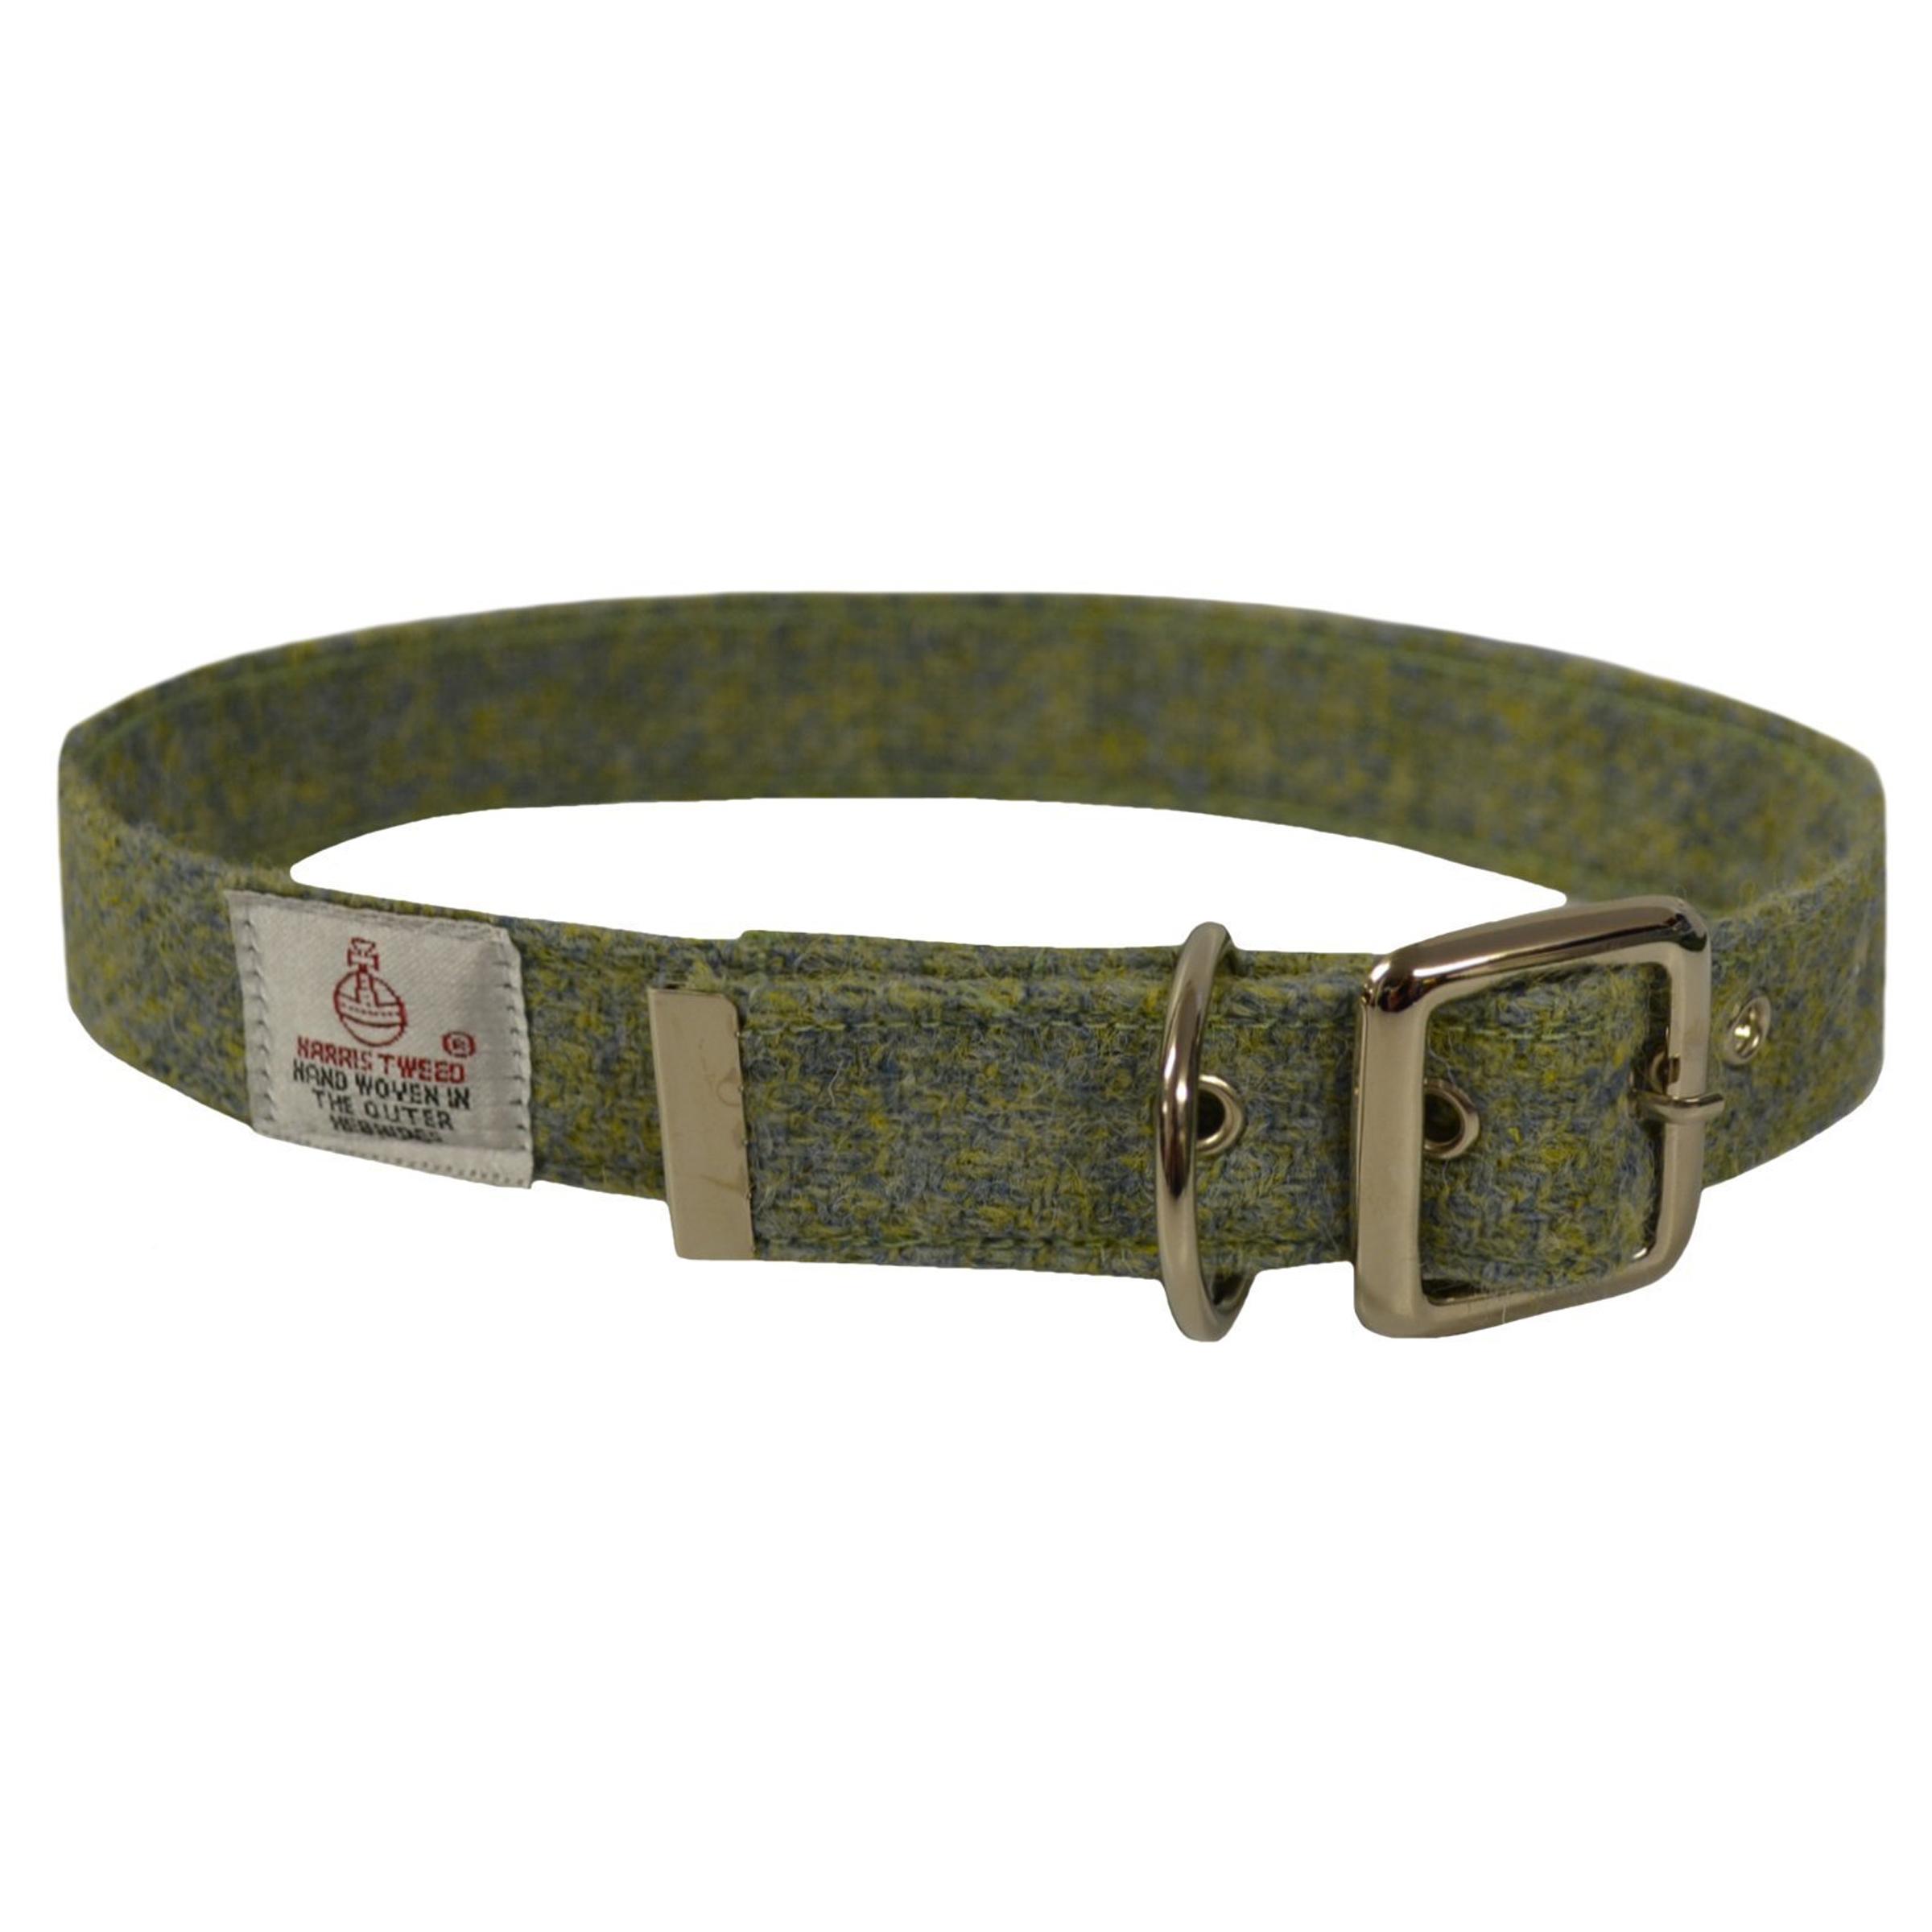 Harris Tweed Dog Collar SALE 30% (£22)